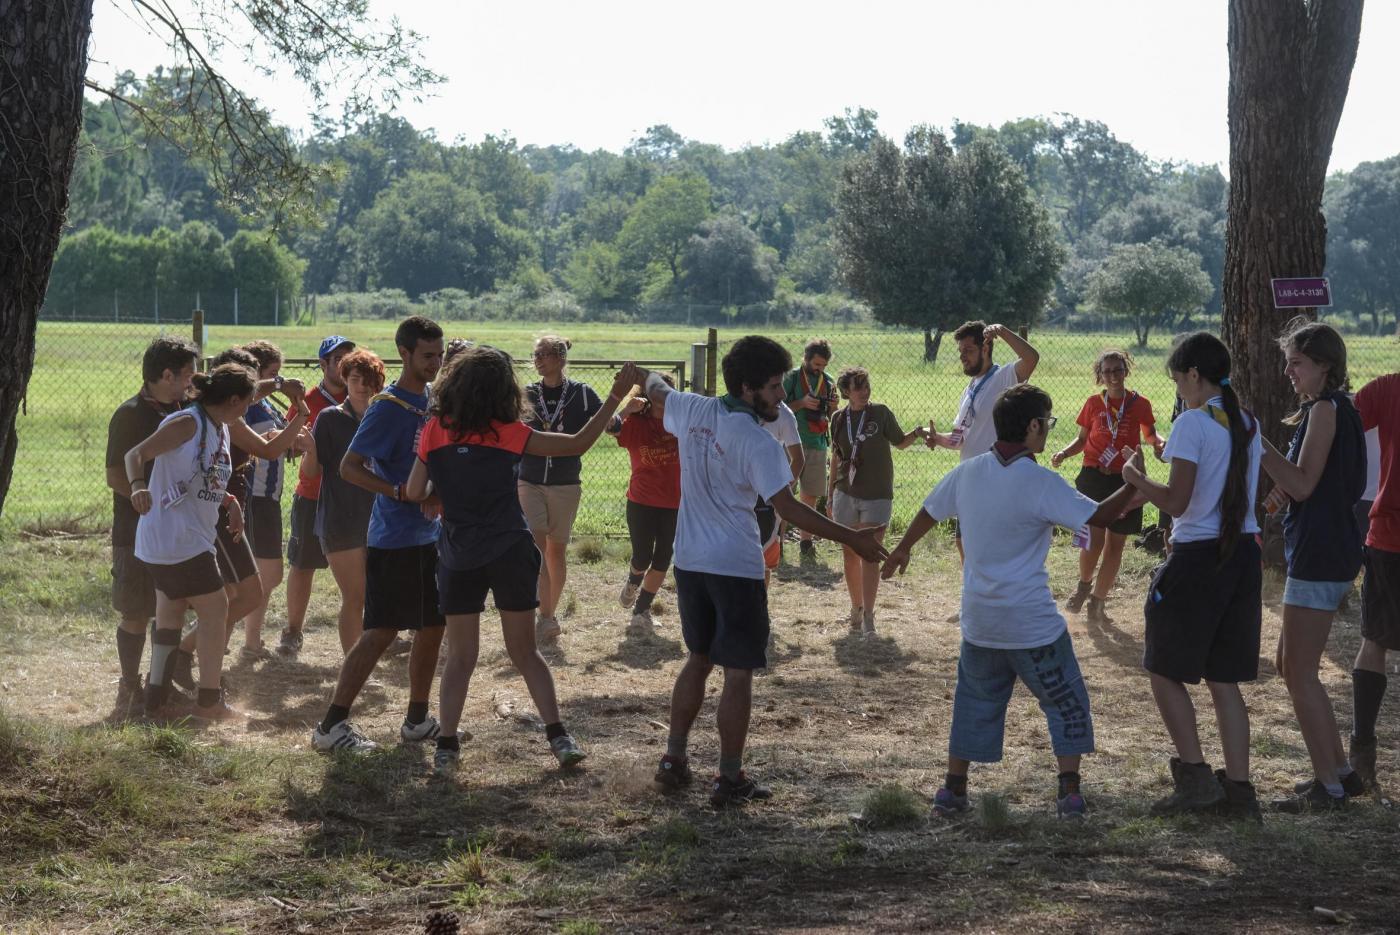 12enne rifiutata dai campi estivi perché 'troppo viziata', i genitori protestano con la Diocesi